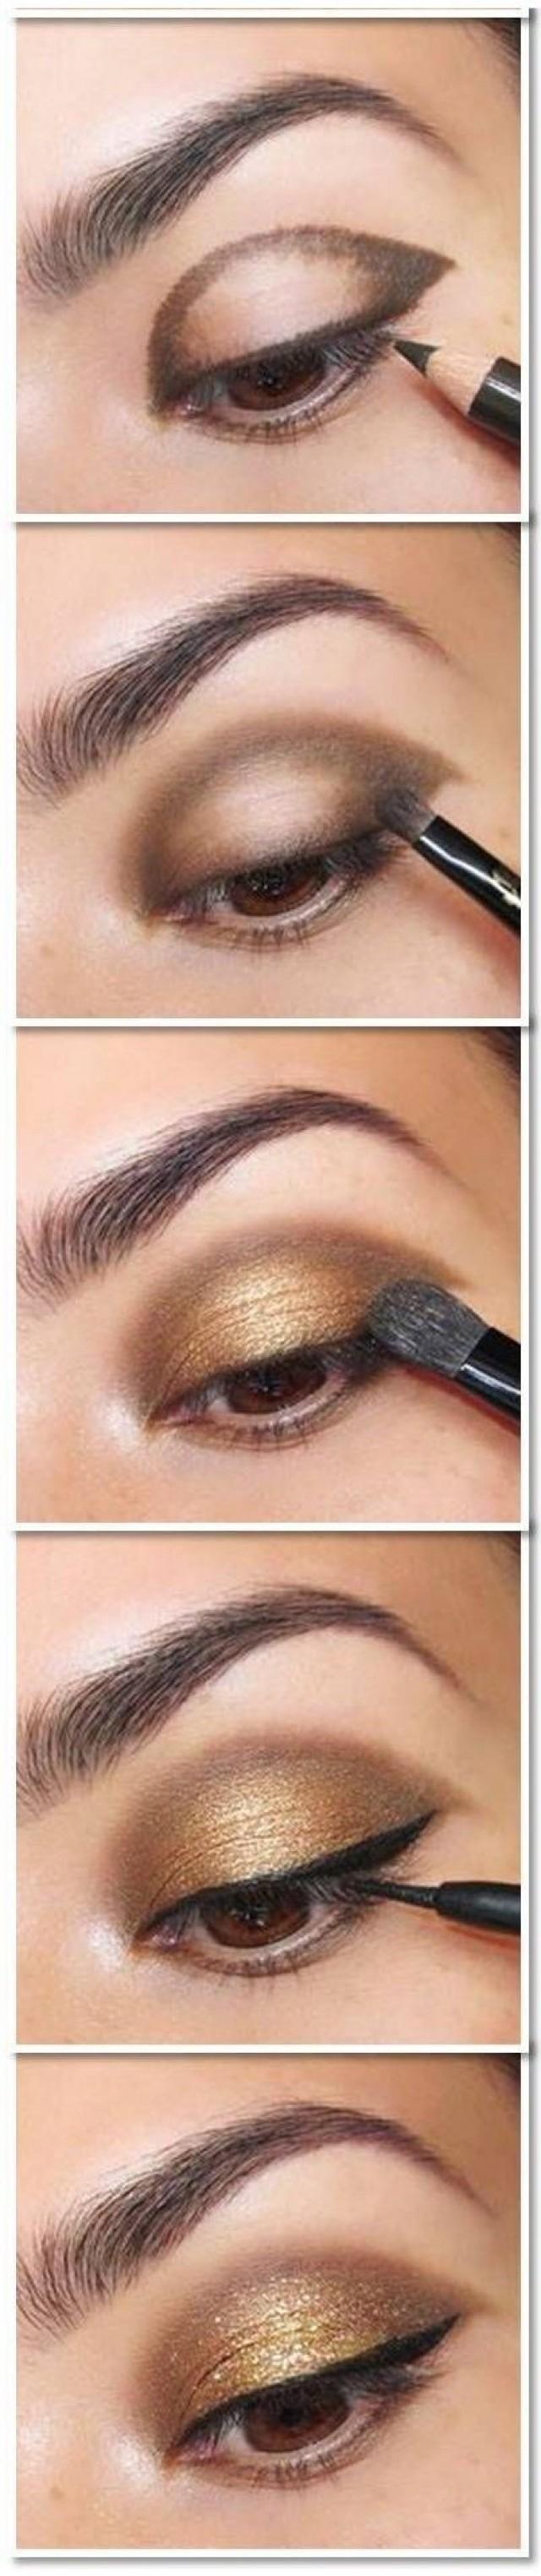 Les 50 Plus Beaux Maquillages Faciles A Faire Maquillage Yeux Dore Tutoriels De Maquillage Des Yeux Maquillage Tutoriel